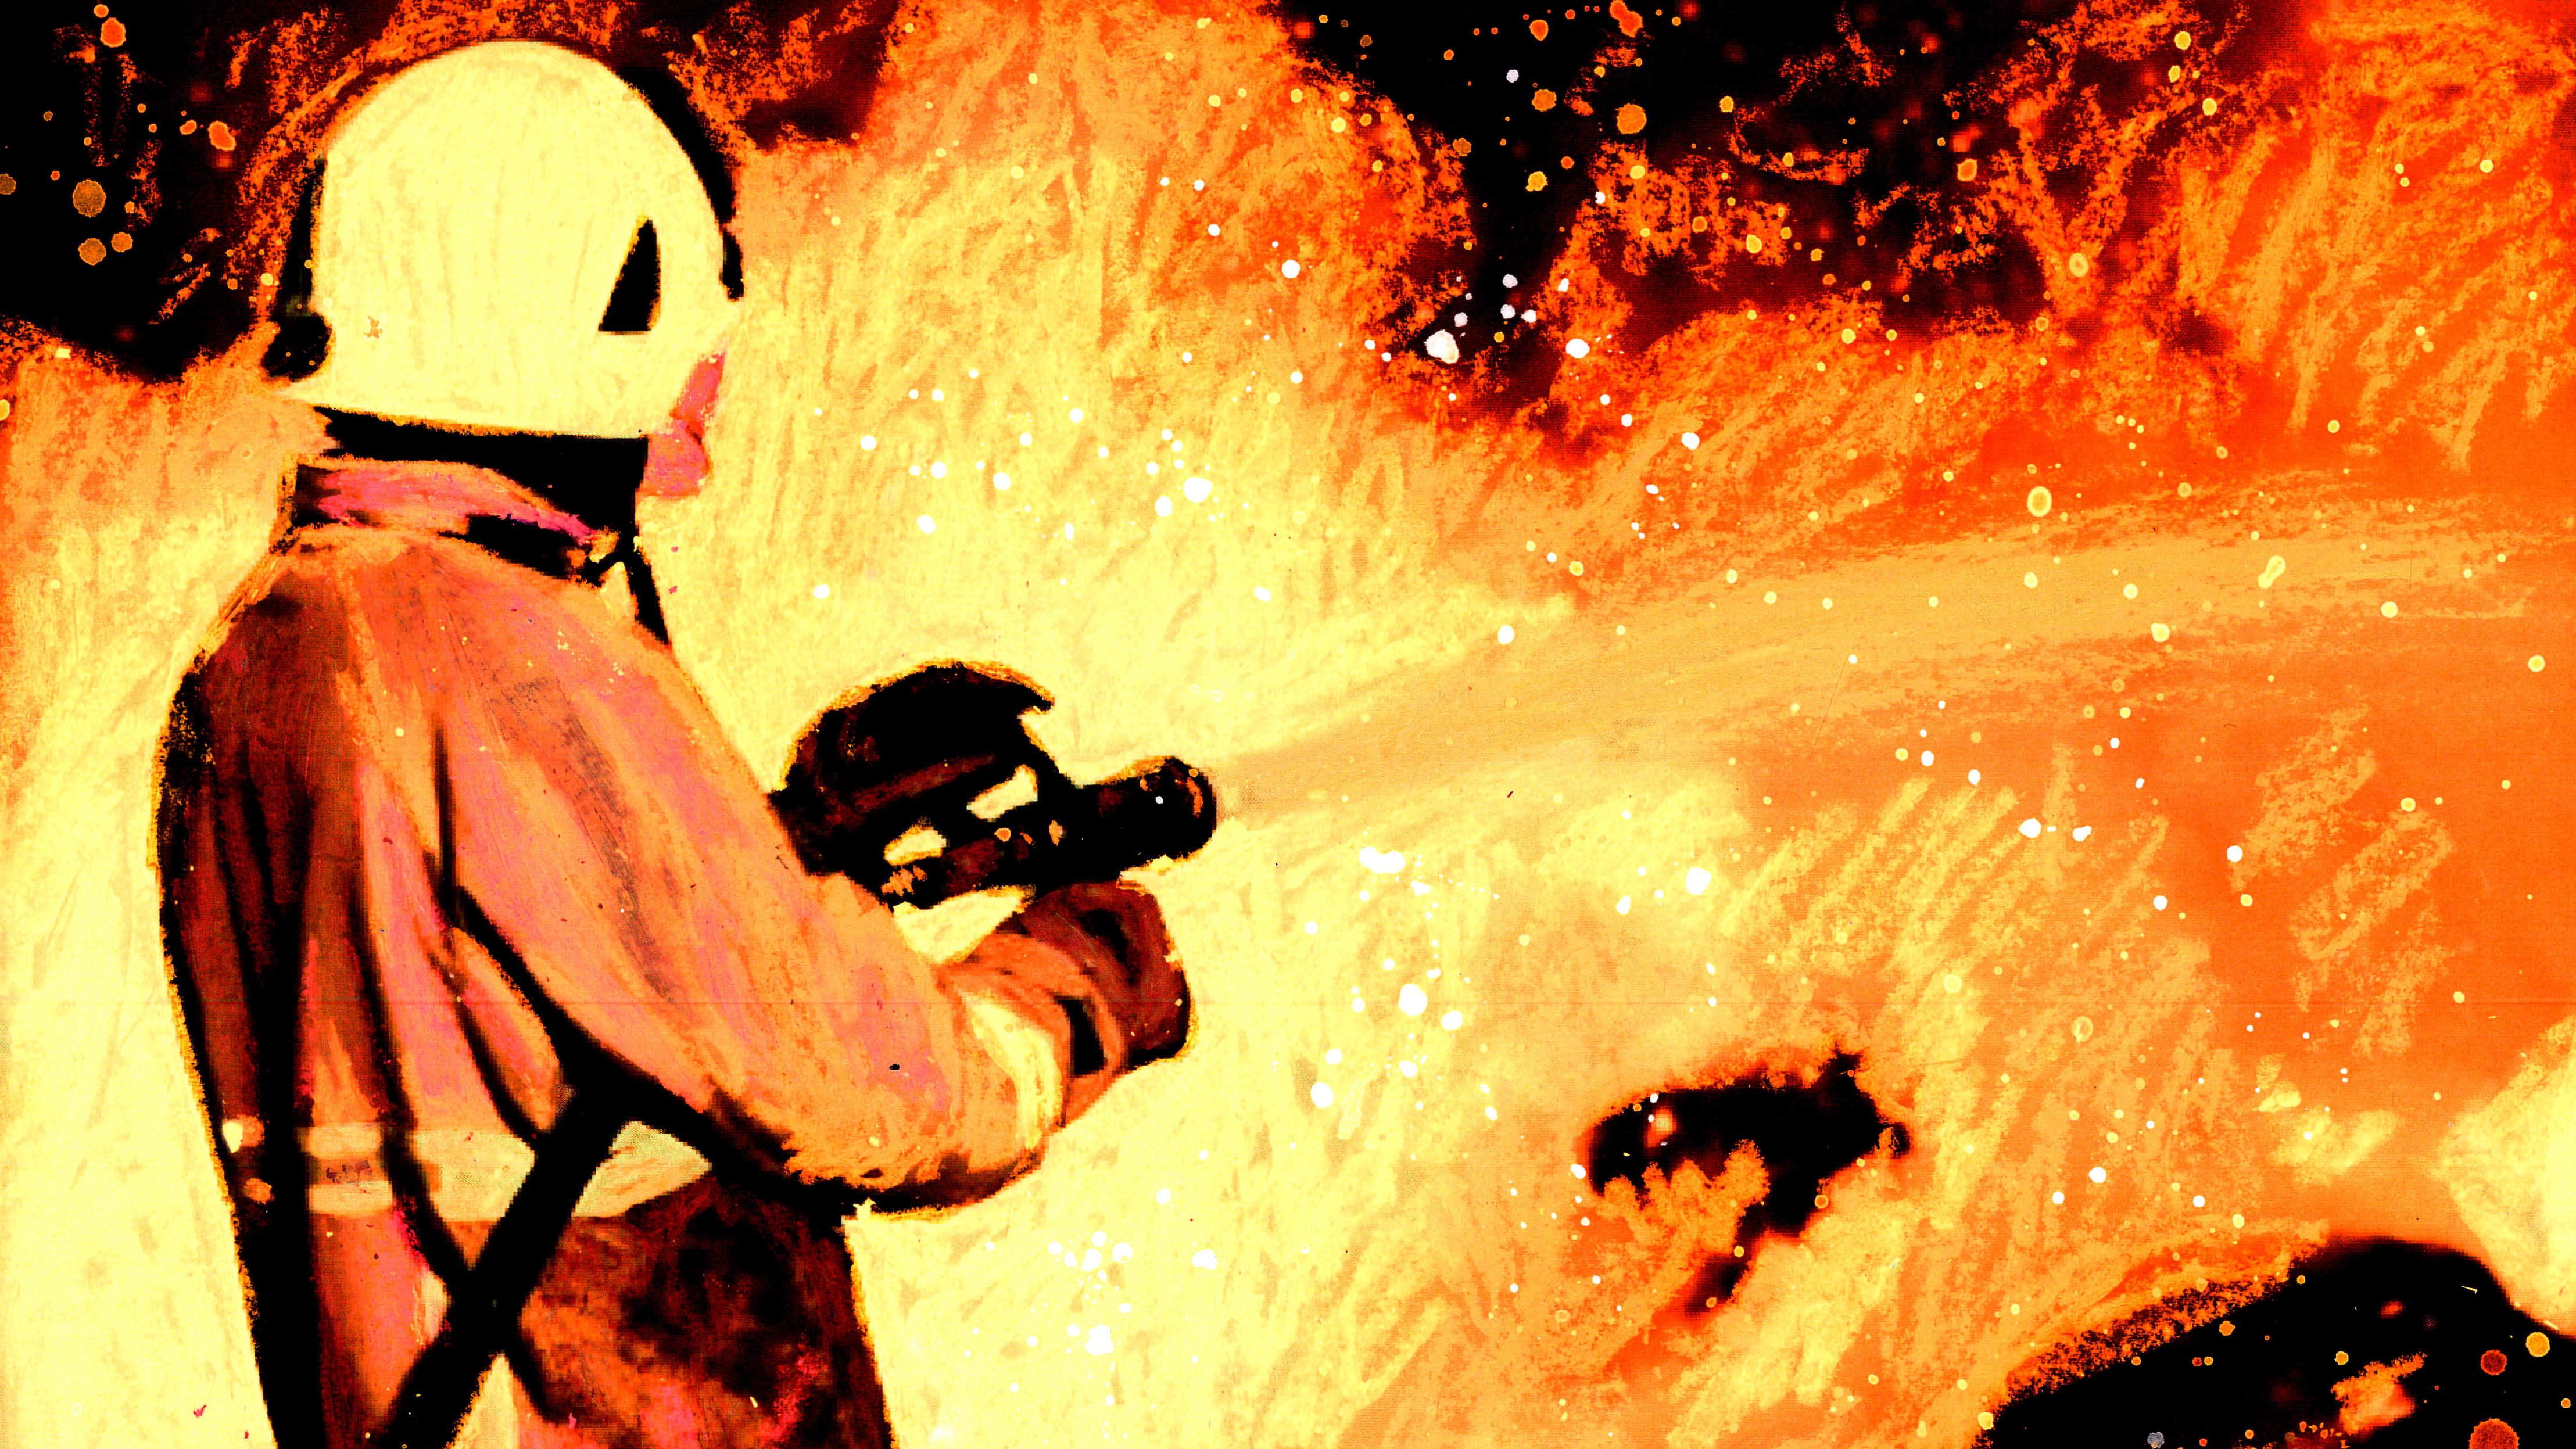 fire final 7